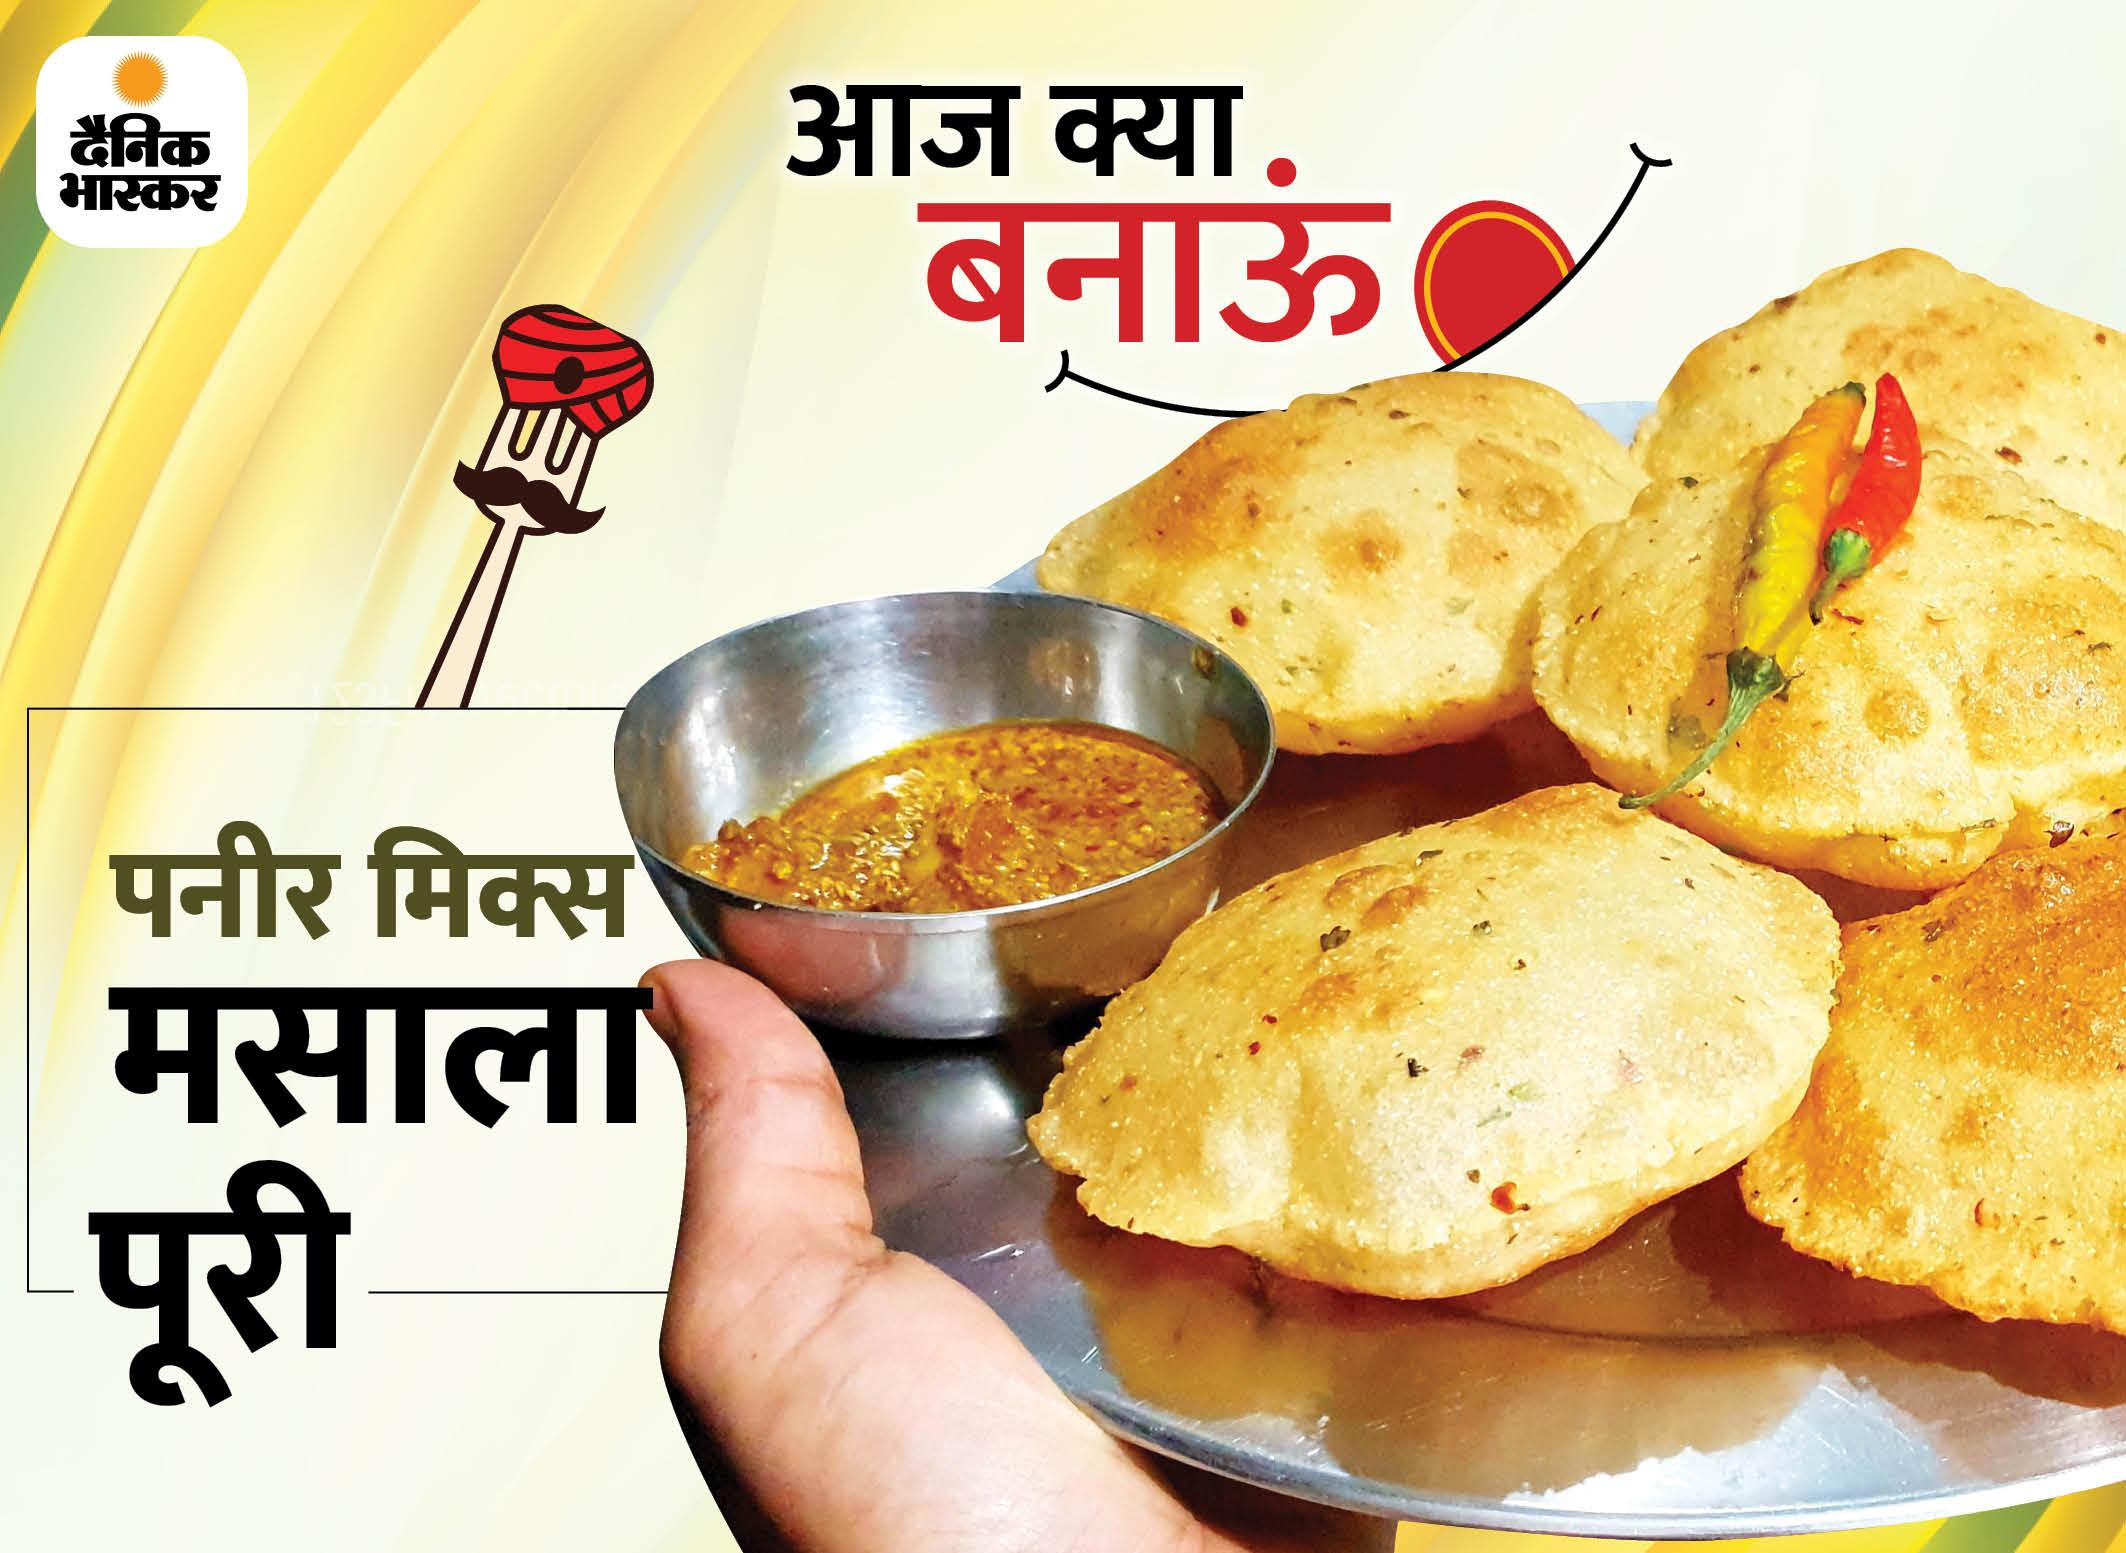 सर्दी के मौसम में बनाएं पनीर मिक्स मसाला पूरी, इसका मजेदार स्वाद हमेशा रहेगा याद|लाइफस्टाइल,Lifestyle - Dainik Bhaskar